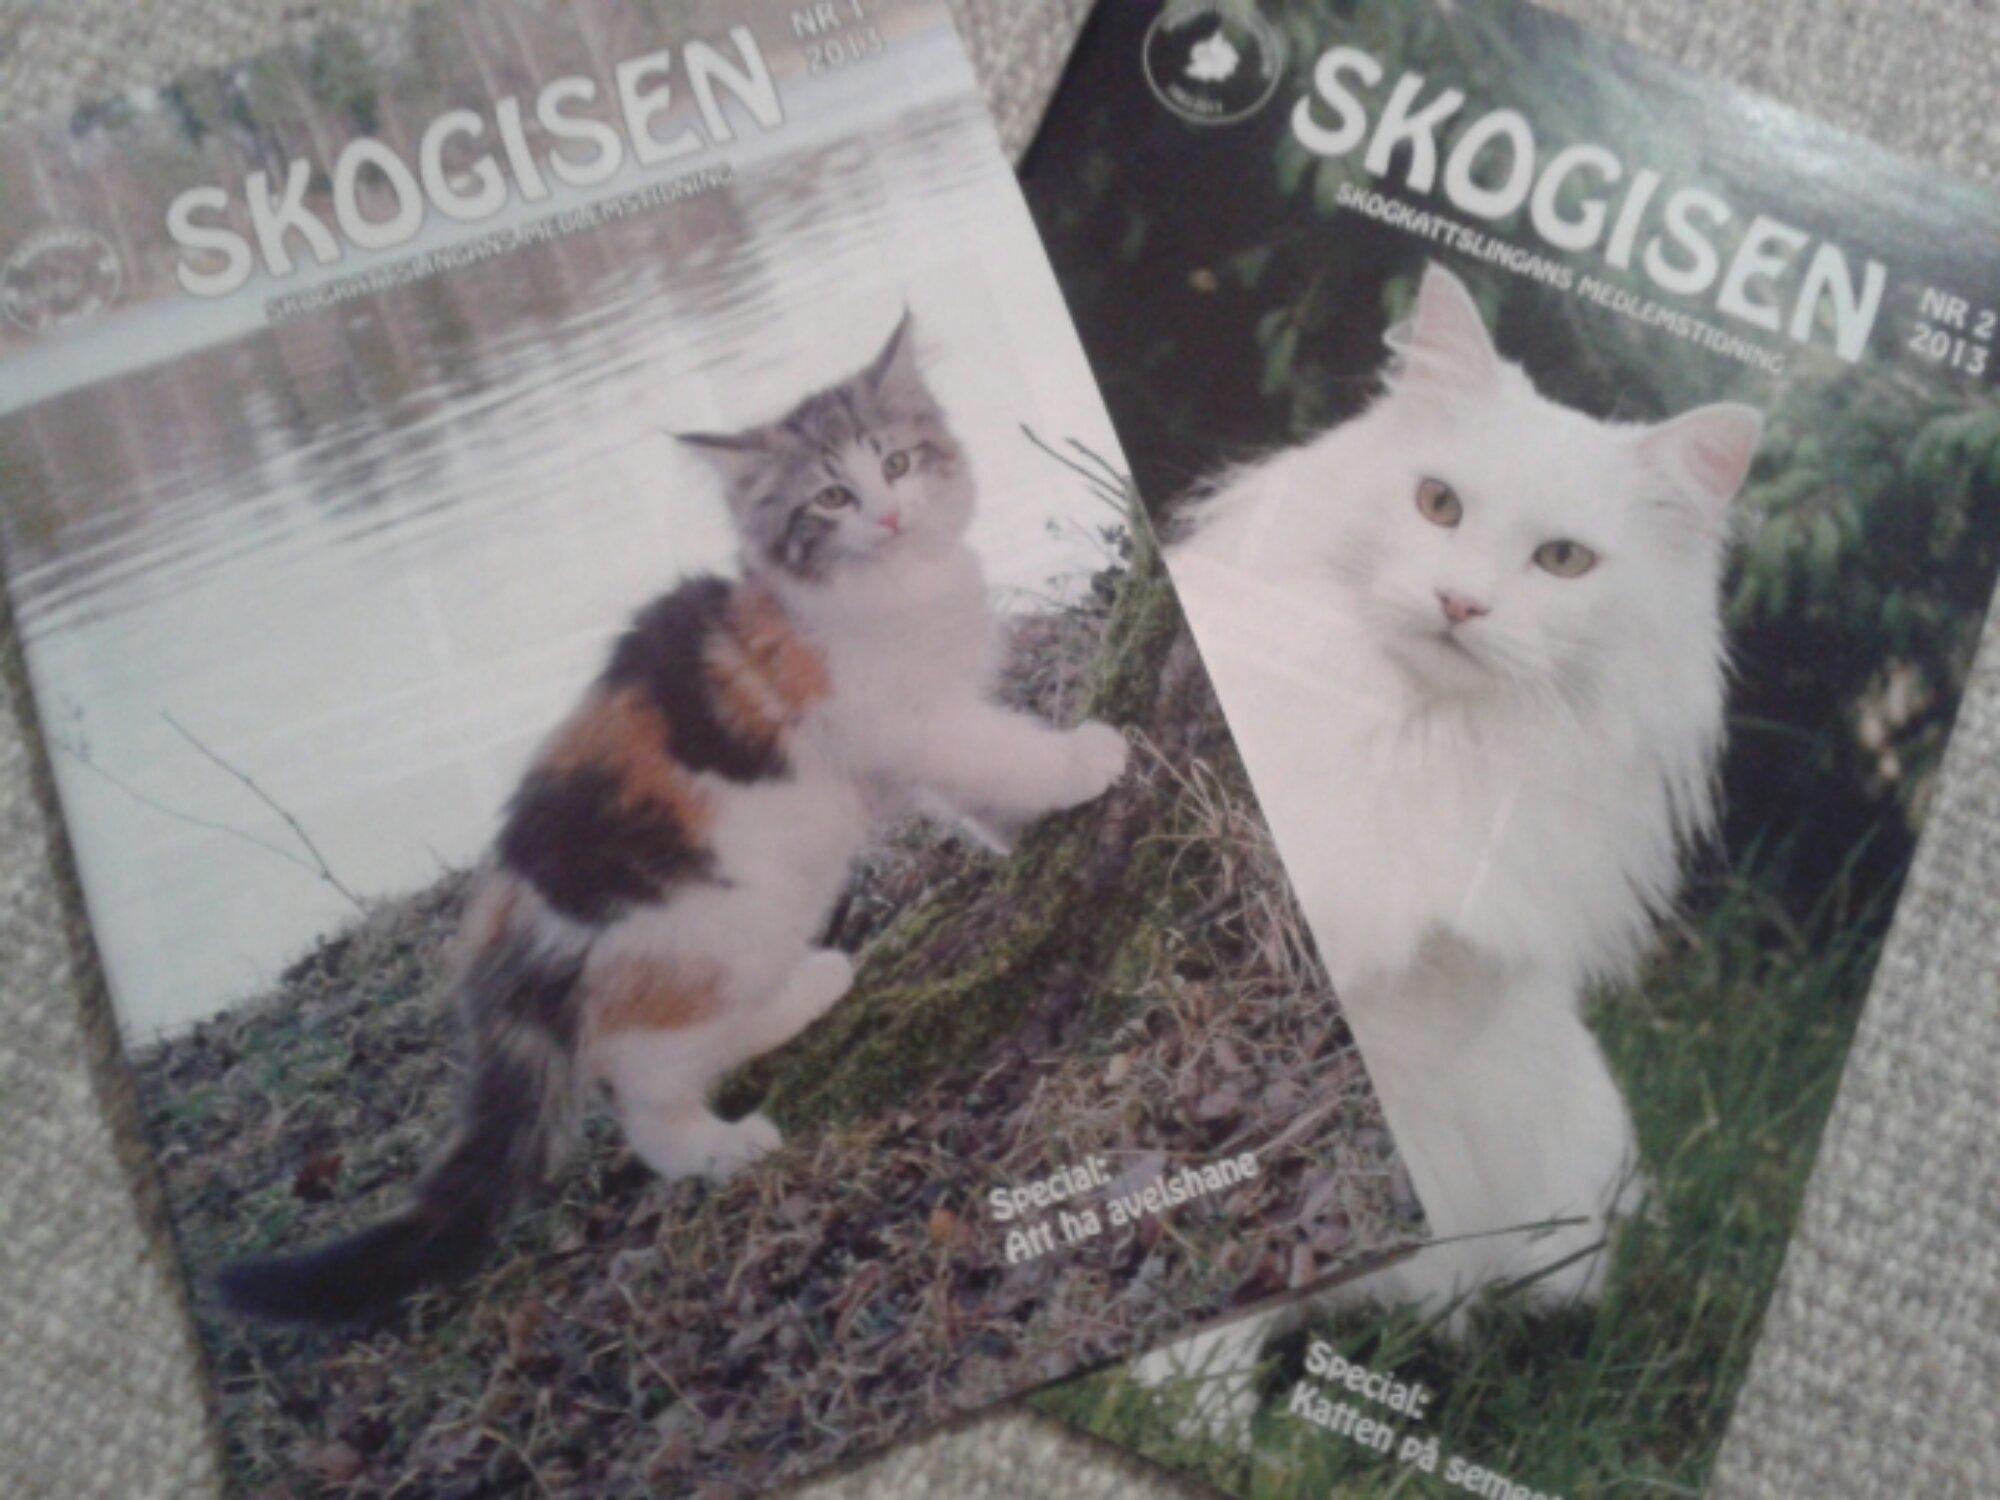 Tidningen Skogisen med norska skogkatten S*Aborgatos Can-Can